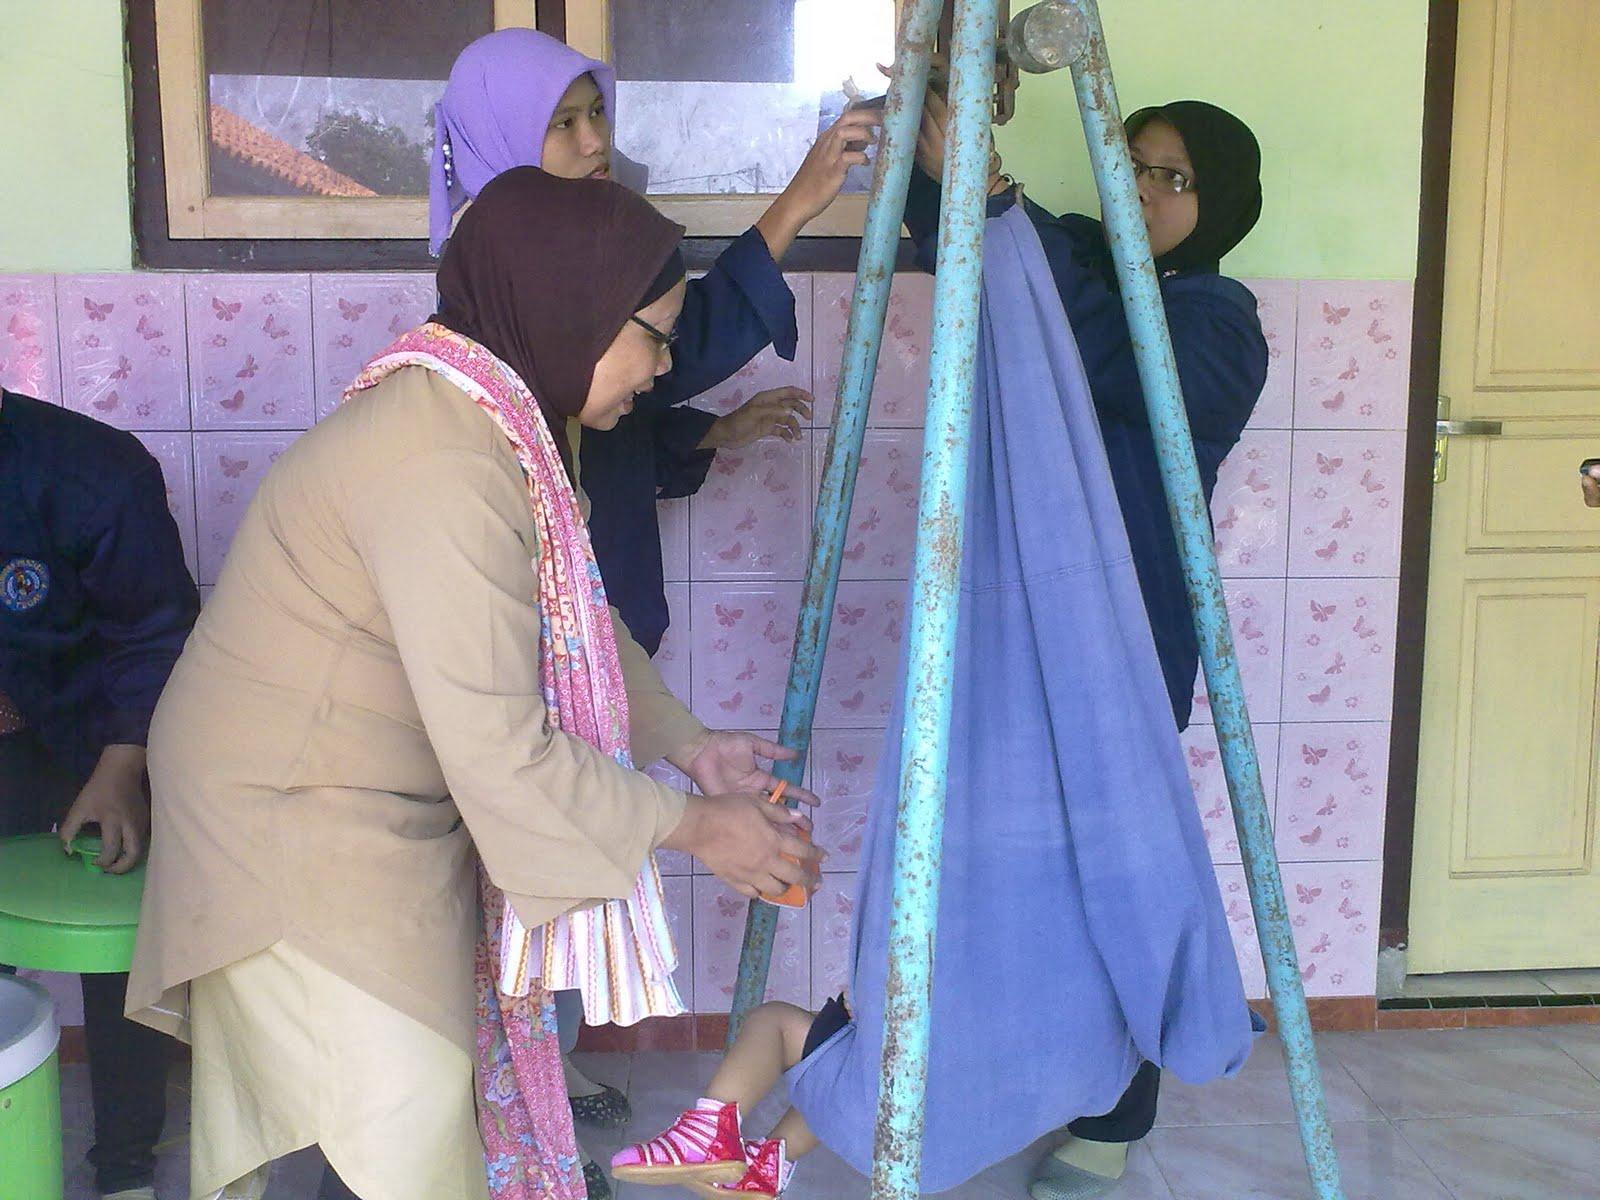 Serangkaian Kegiatan Sambut Hari Pertama Masuk Sekolah Di Kober Al-Hidayah Dusun Cikancah